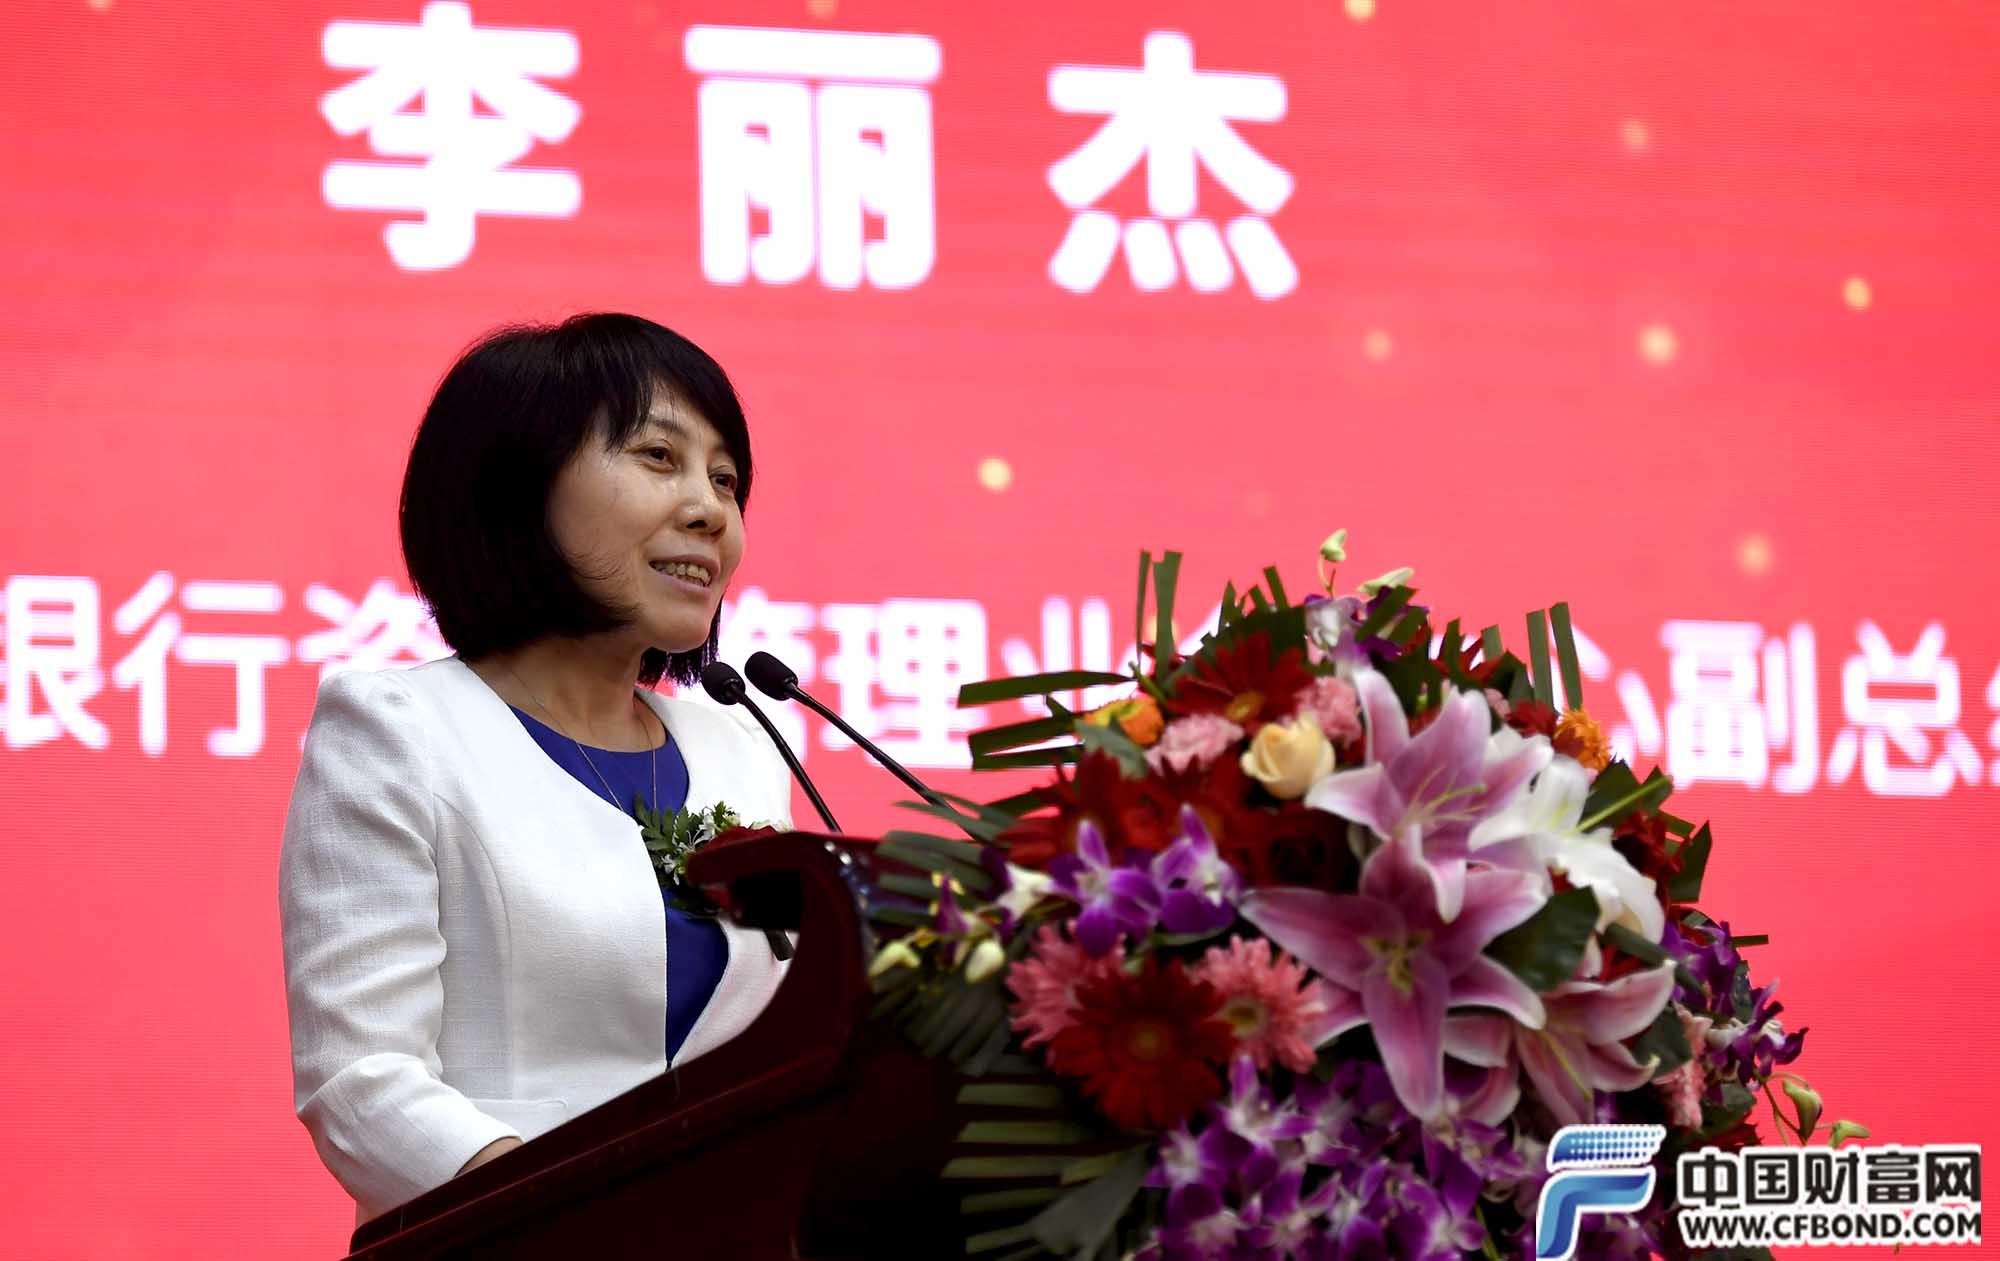 中国建设银行资产管理业务中心副总经理 李丽杰